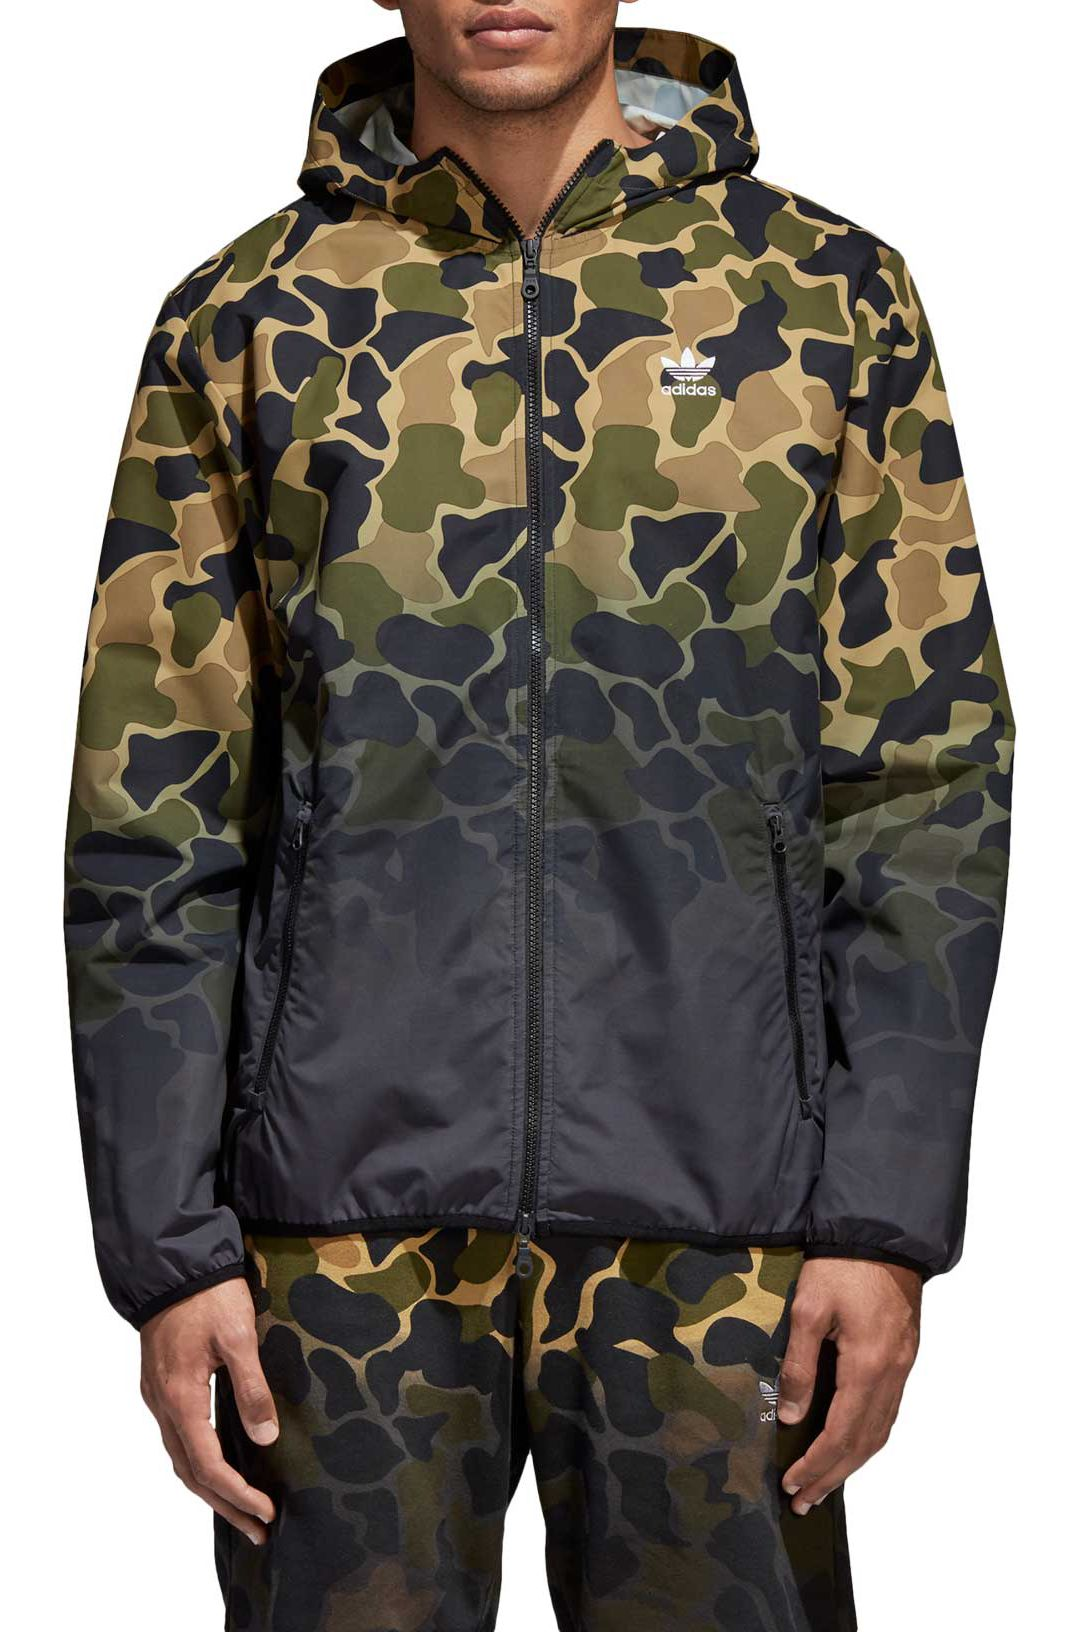 0e6bdc221d5ff3 adidas Originals Men s Camo Windbreaker Jacket 1